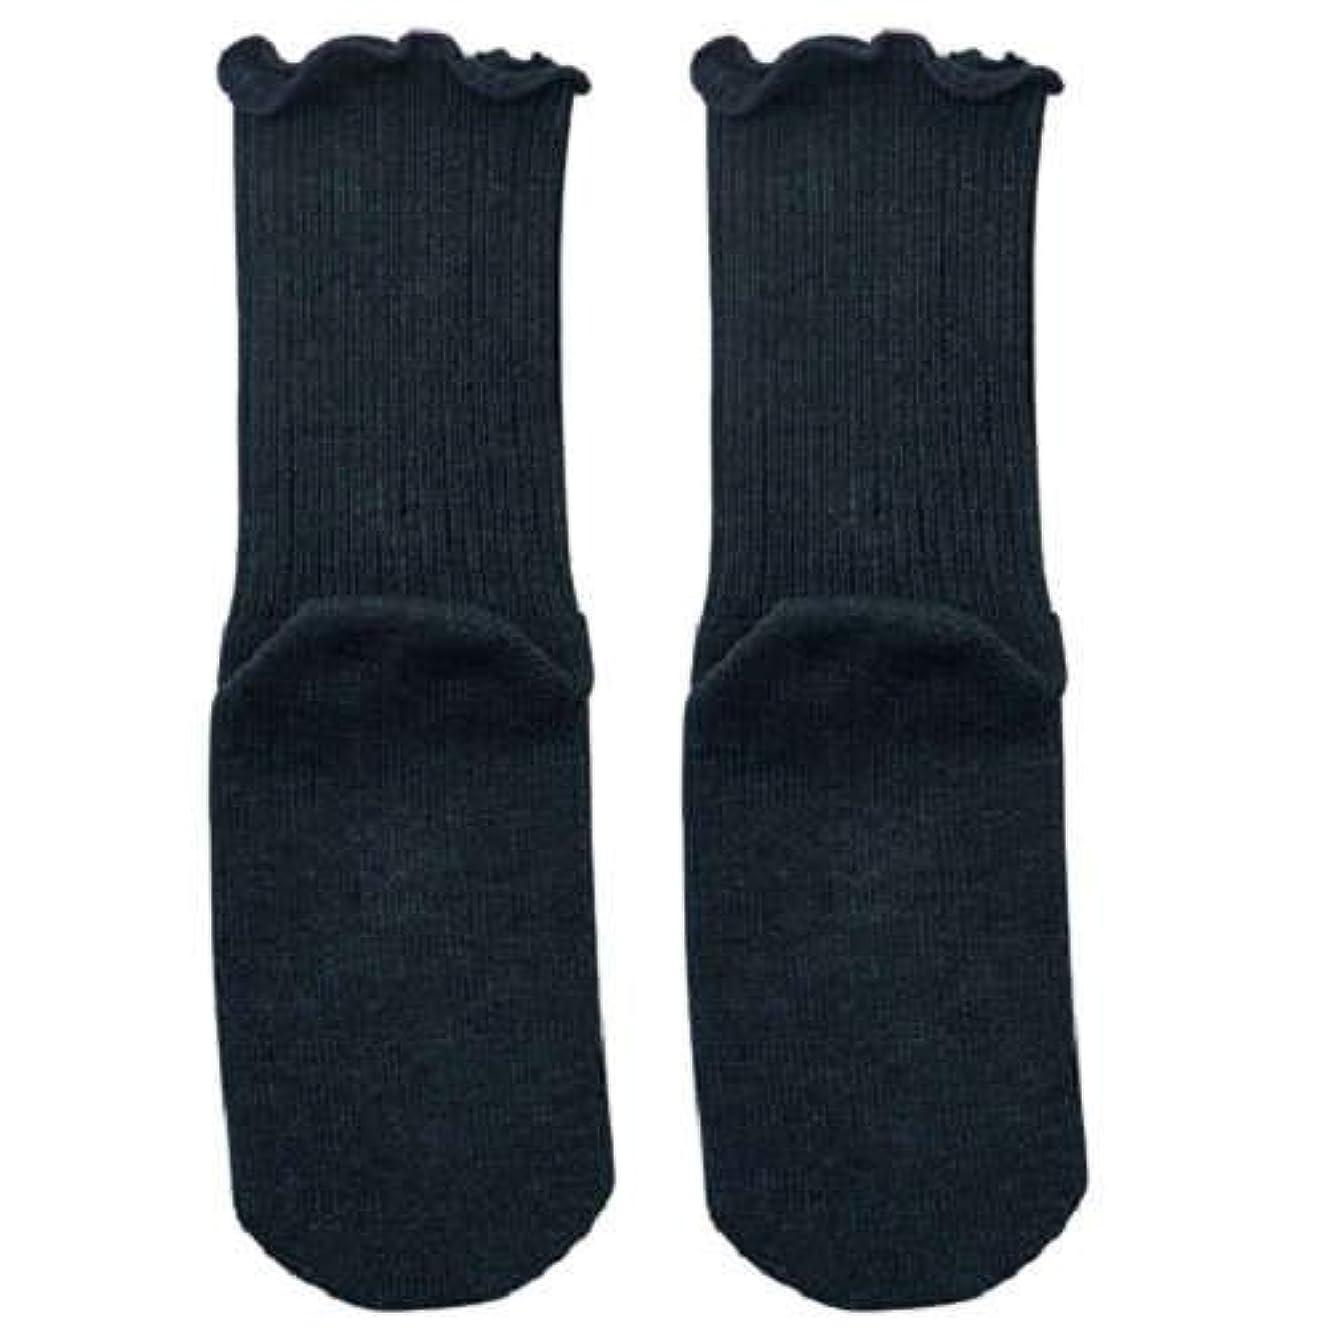 速記養うに対応【むくみ】【骨折】 男女兼用 極上しめつけません 特大サイズ 靴下 (チャコール)